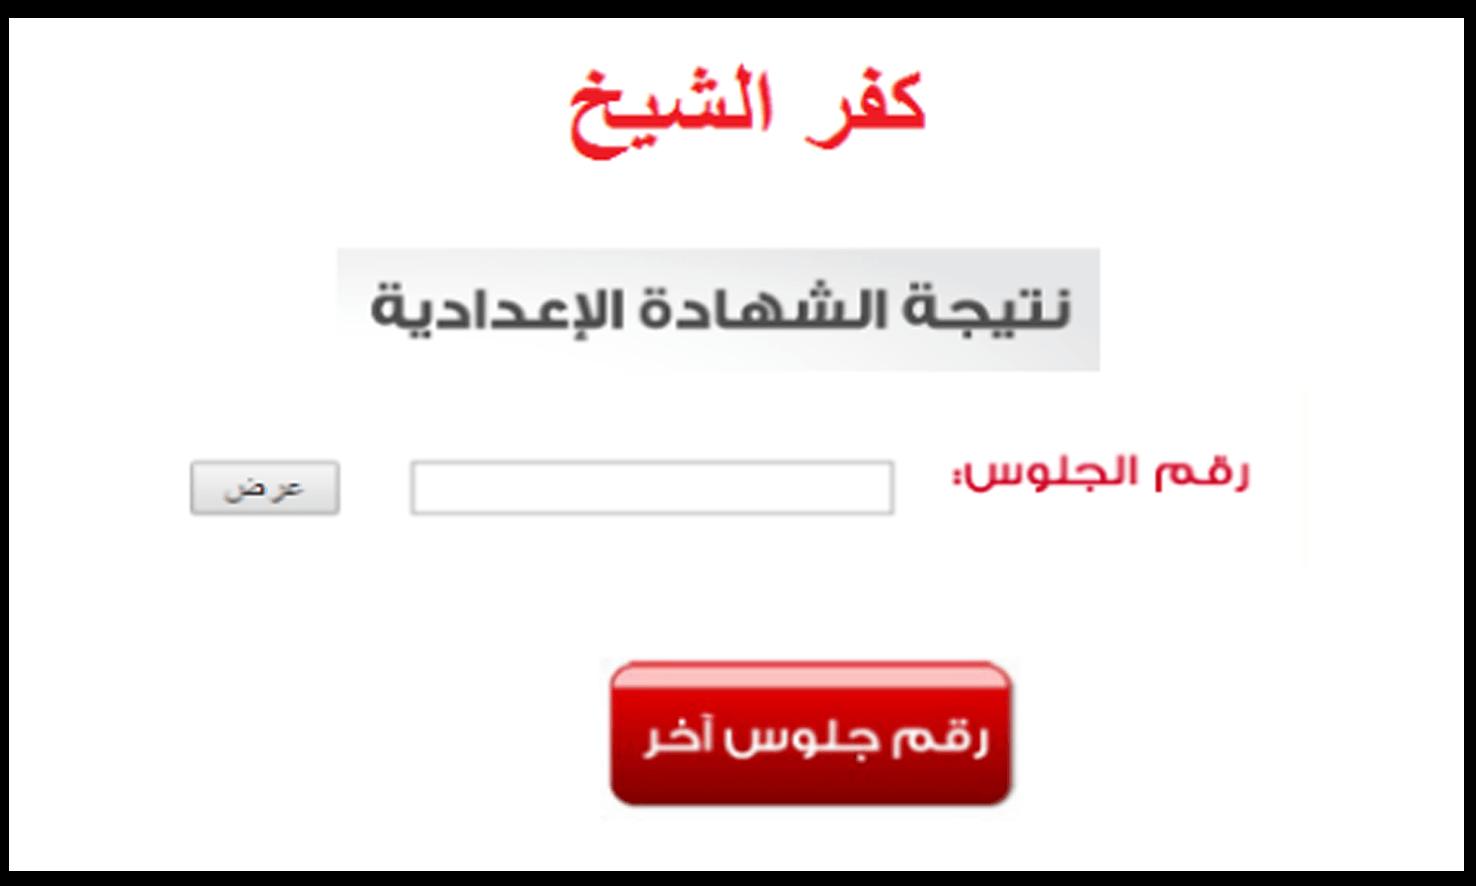 ظهرت الآن نتيجة الشهادة الإعدادية 2020 محافظة كفر الشيخ..نتيجة الصف الثالث الإعدادي